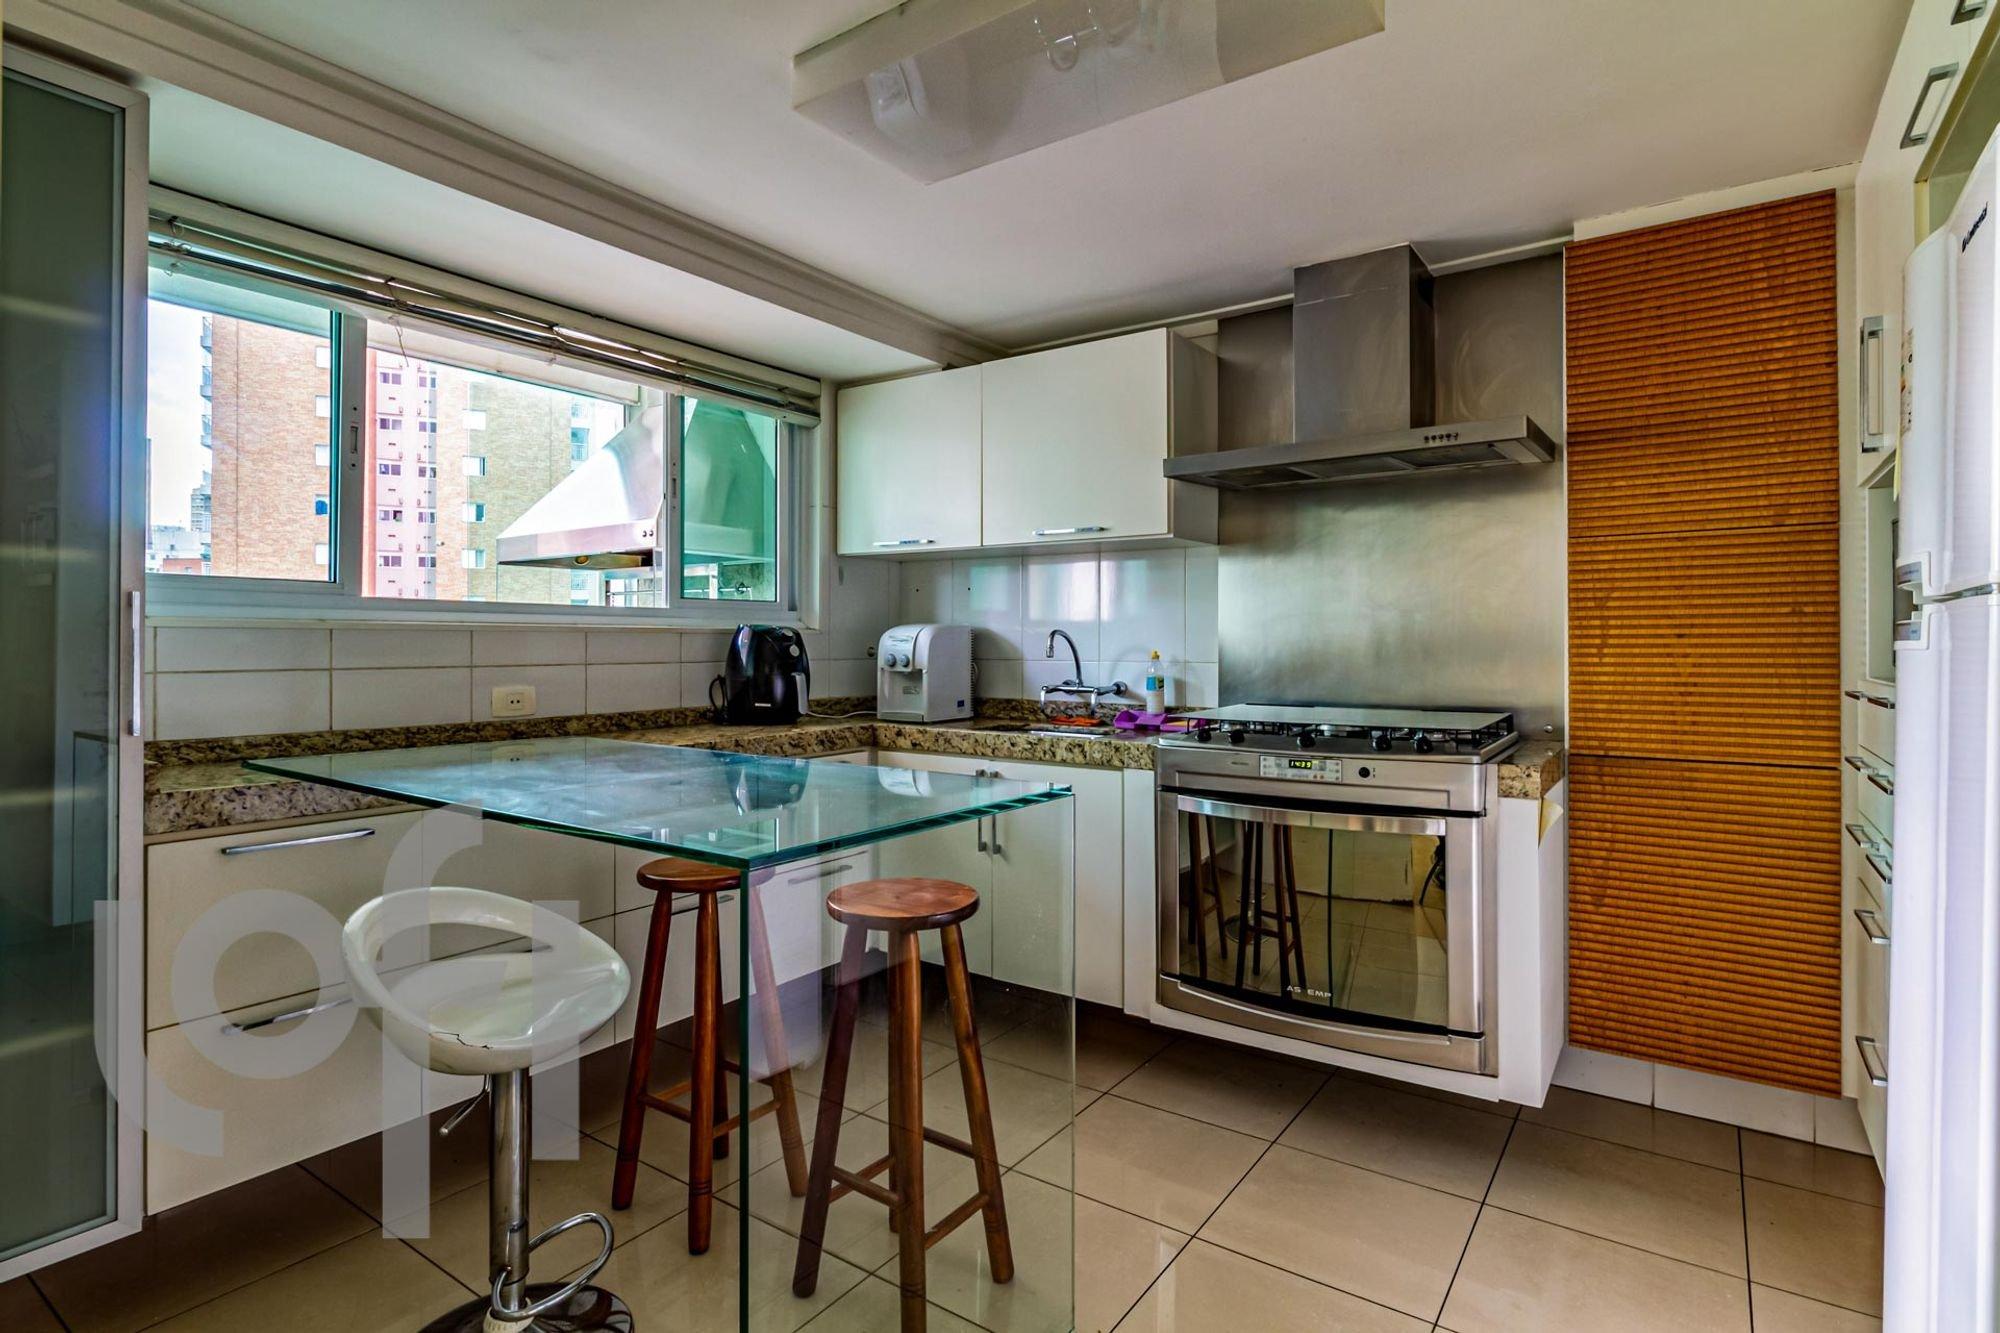 Foto de Cozinha com faca, garrafa, forno, cadeira